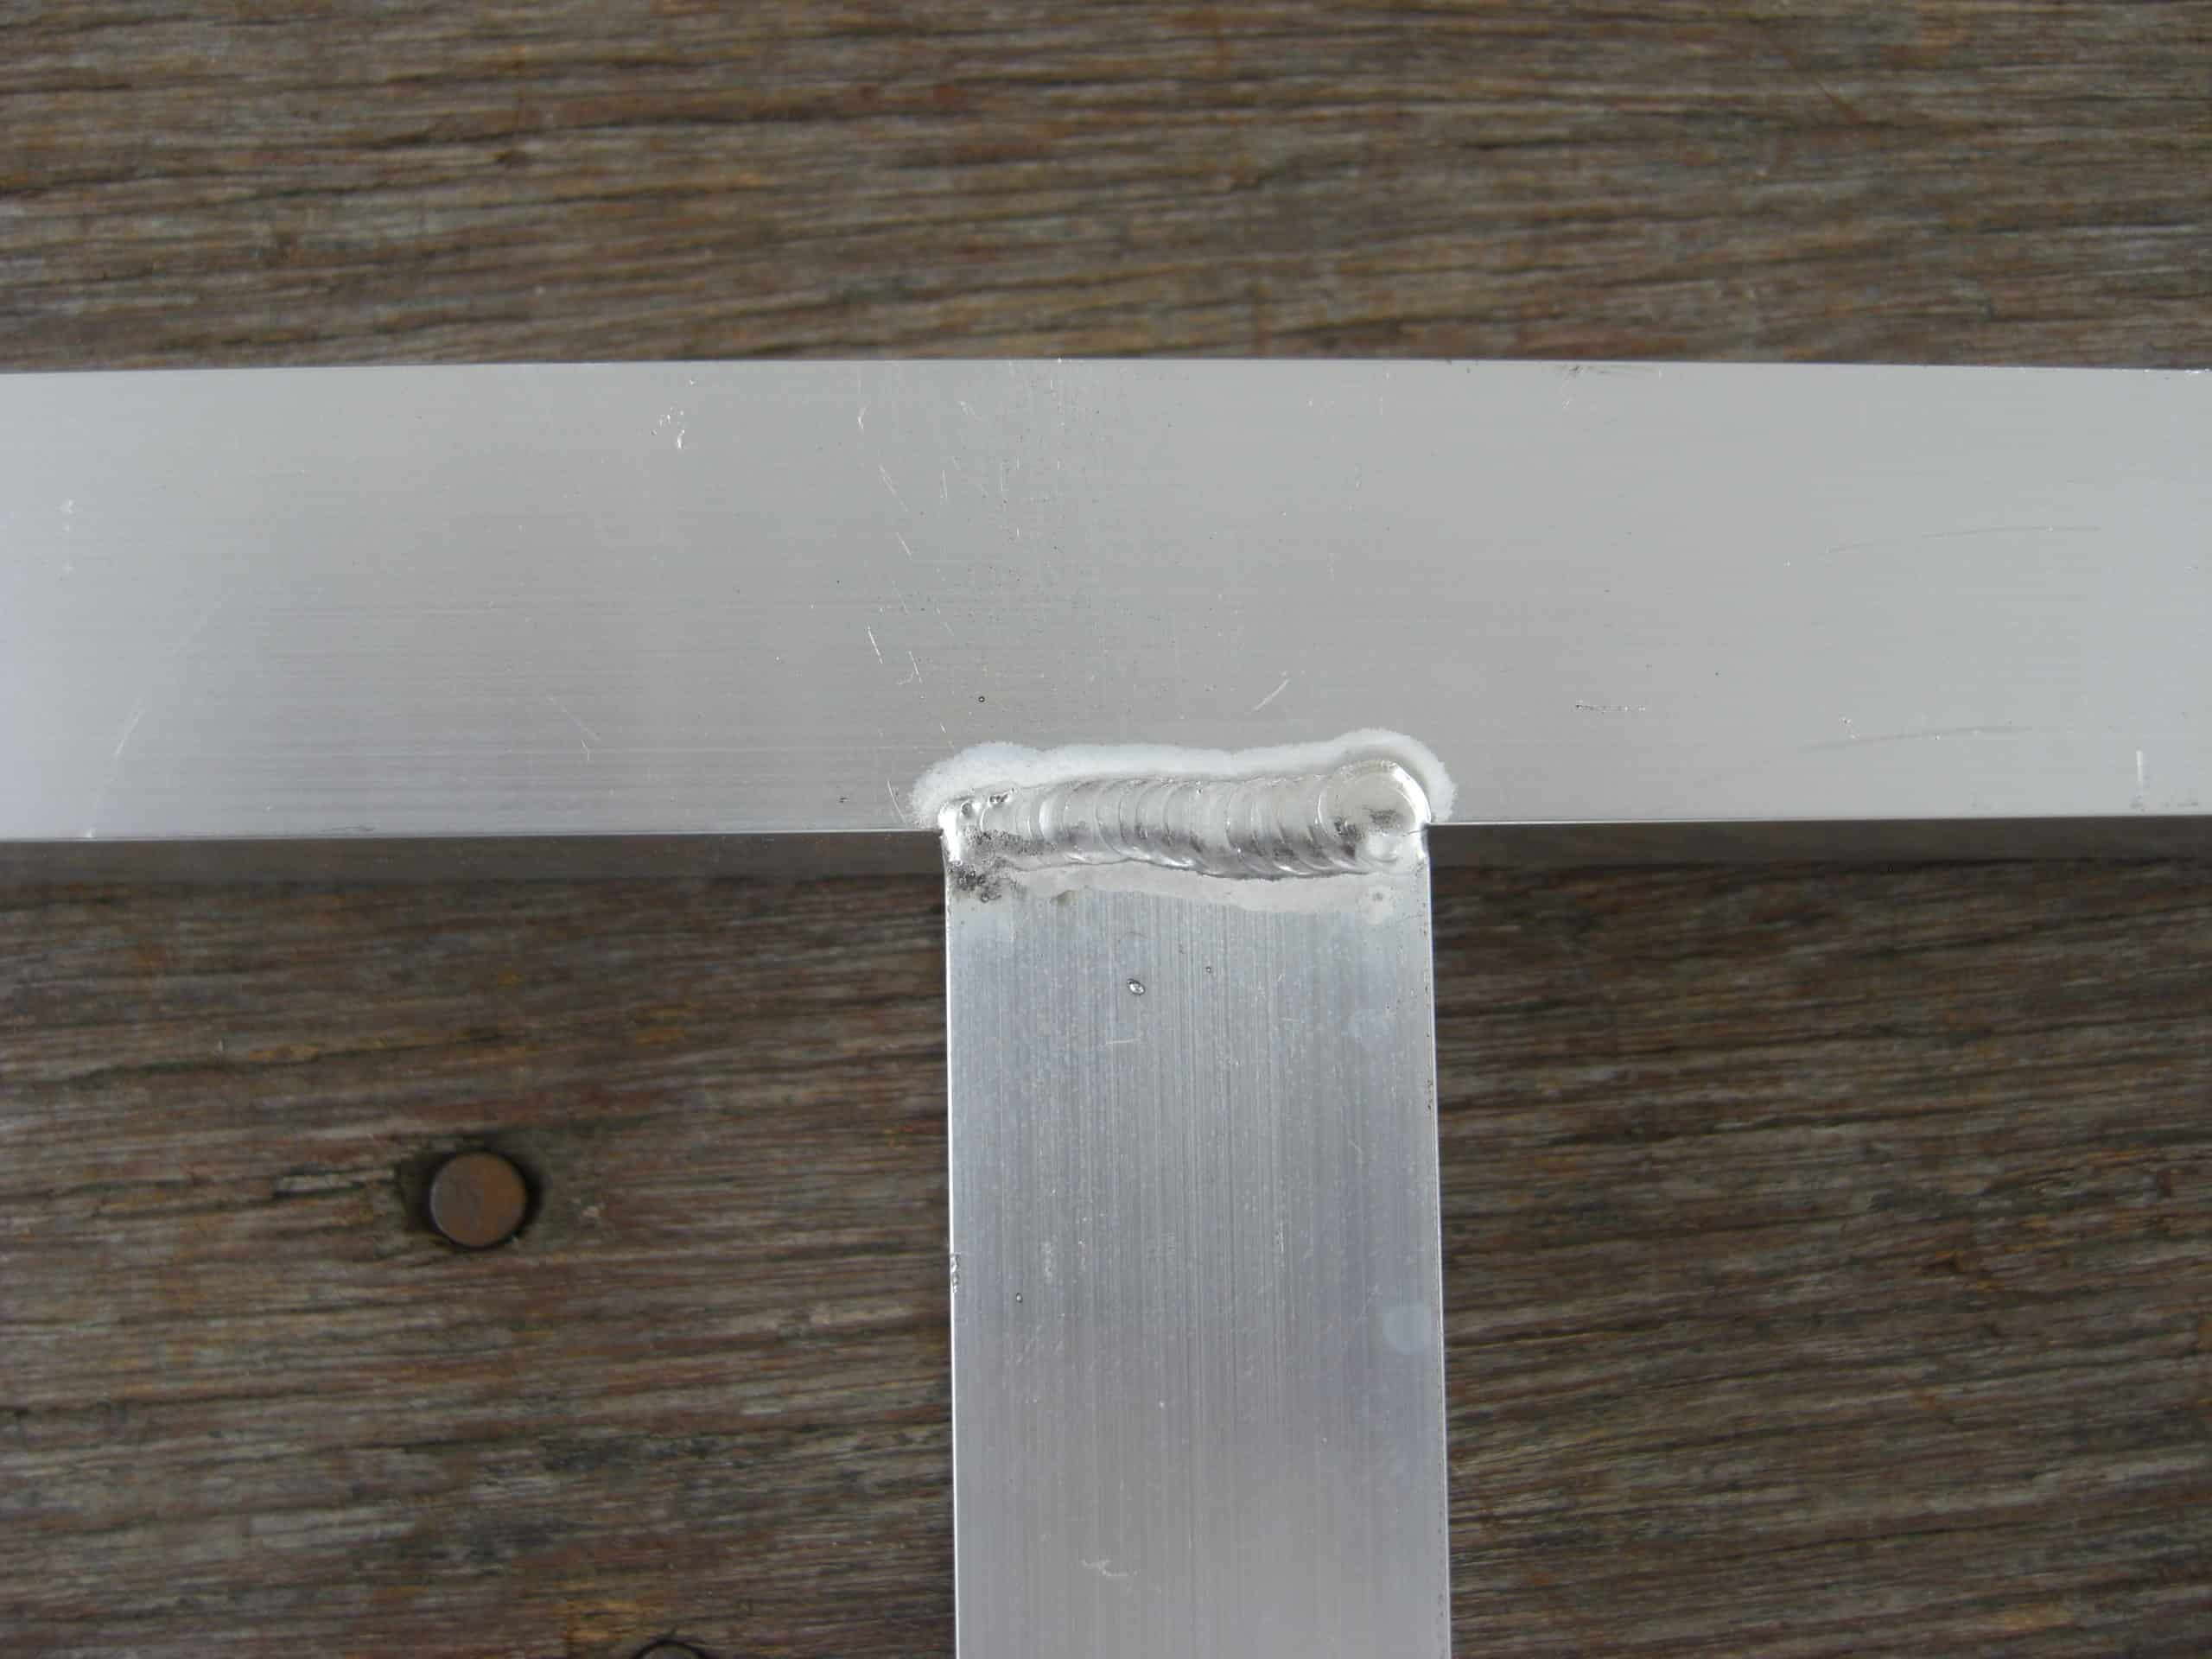 吊扉のフレームをアルミで製作しました